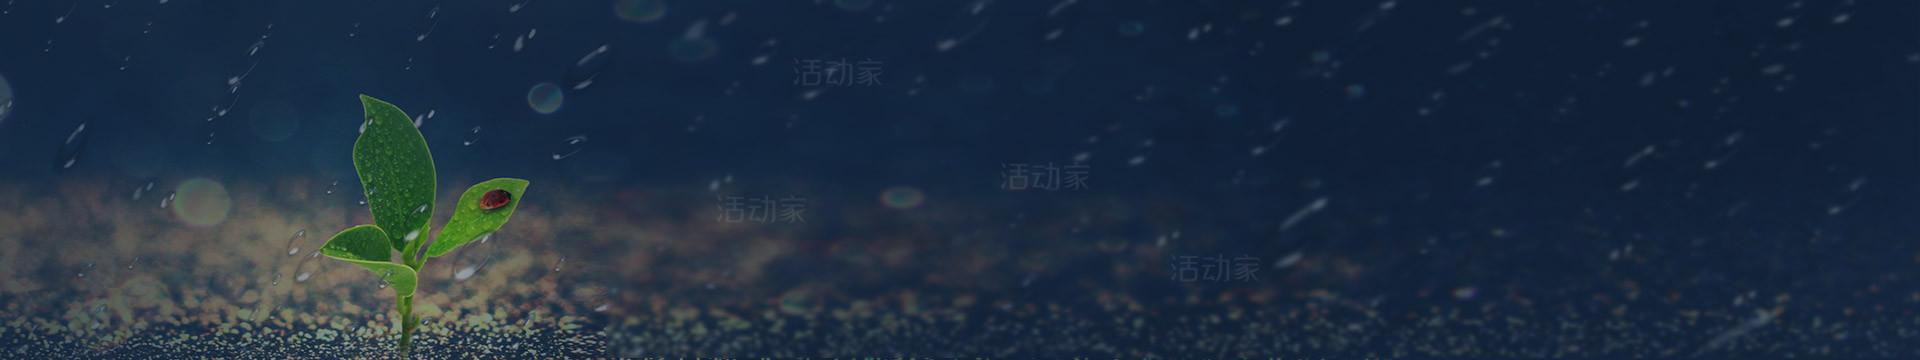 2019中国智慧林业创新发展高峰论坛(合肥)